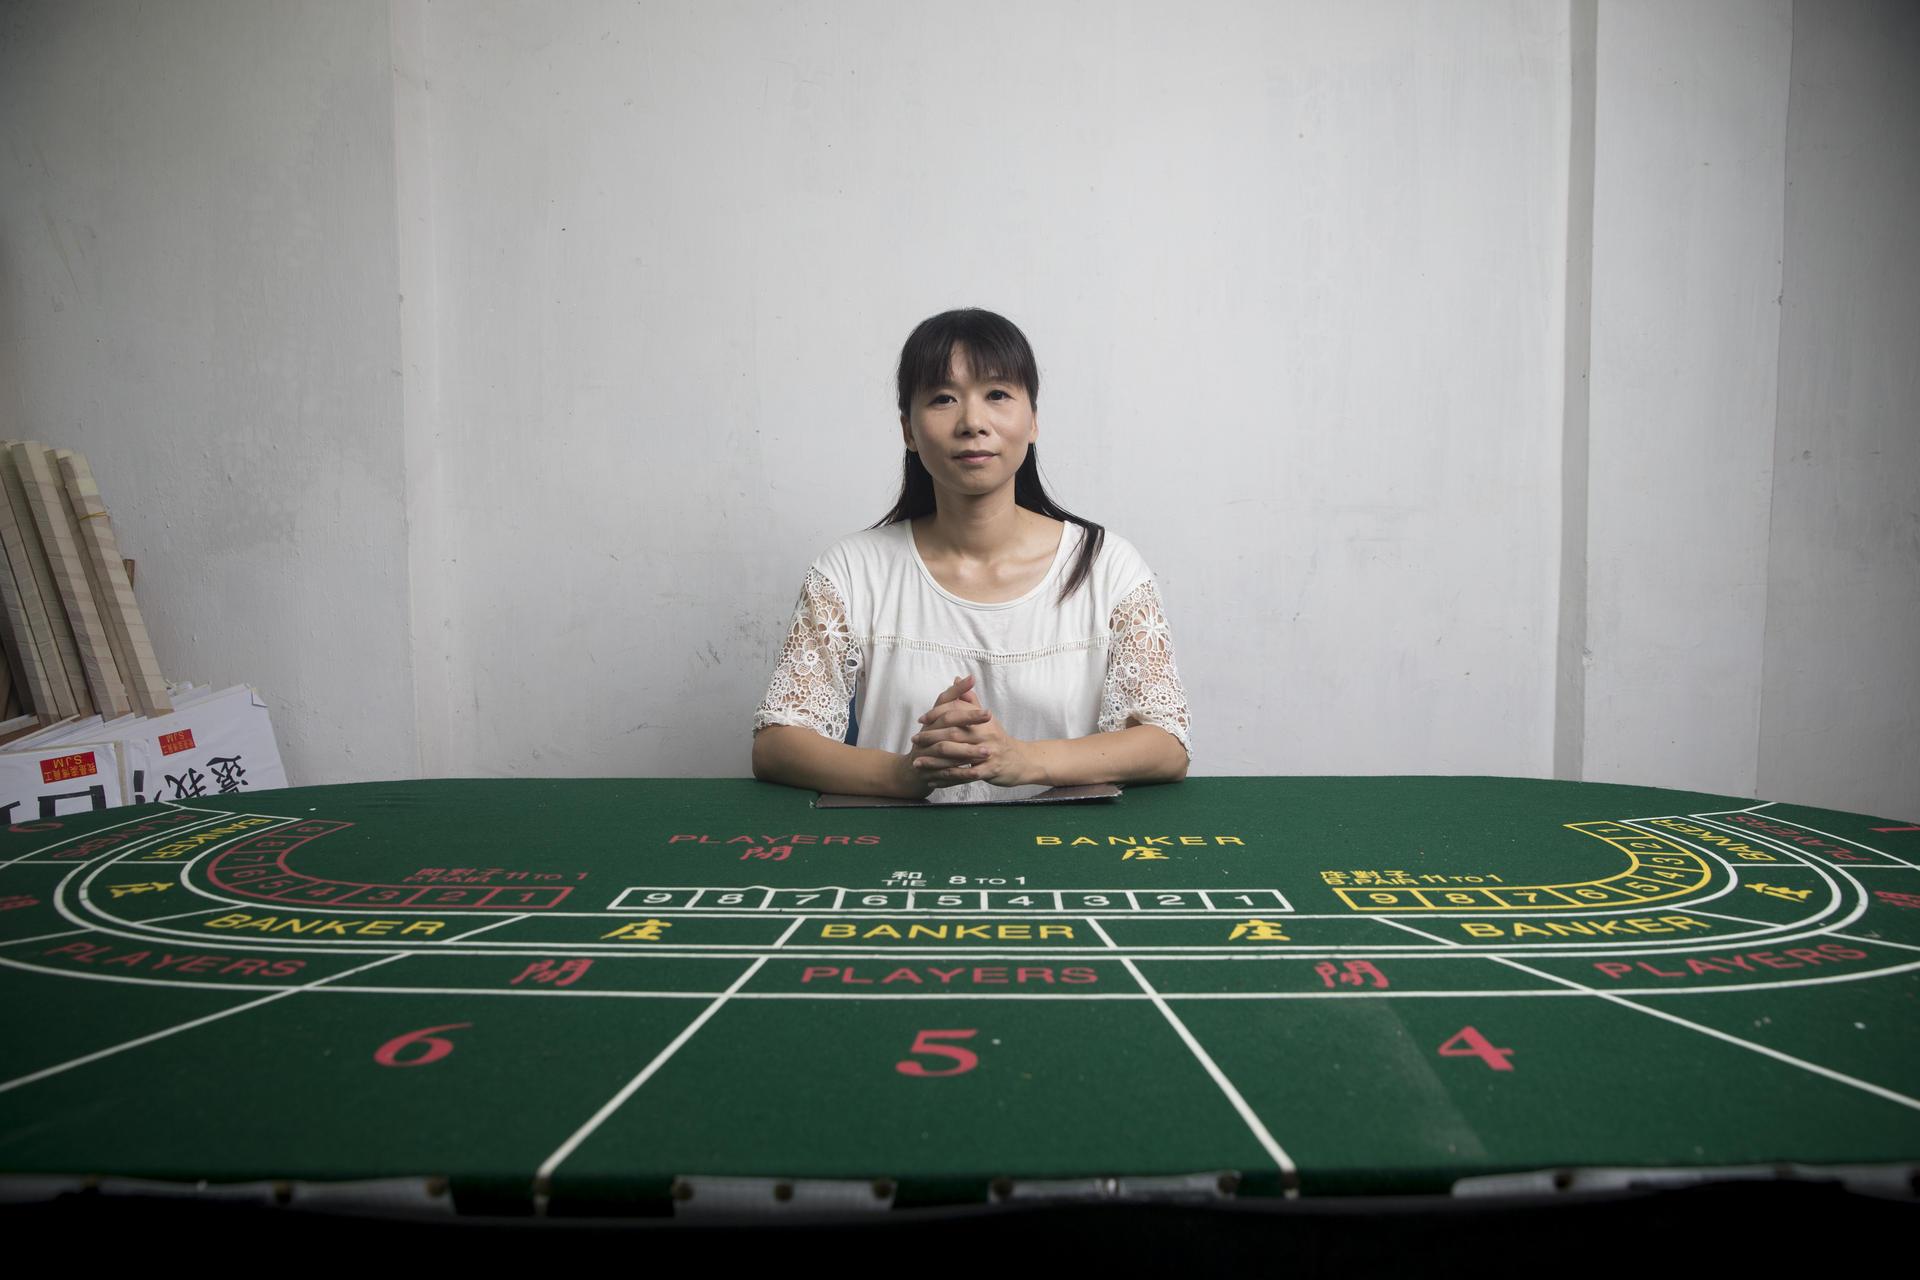 Casino dealer wages - Borderlands 2 slots